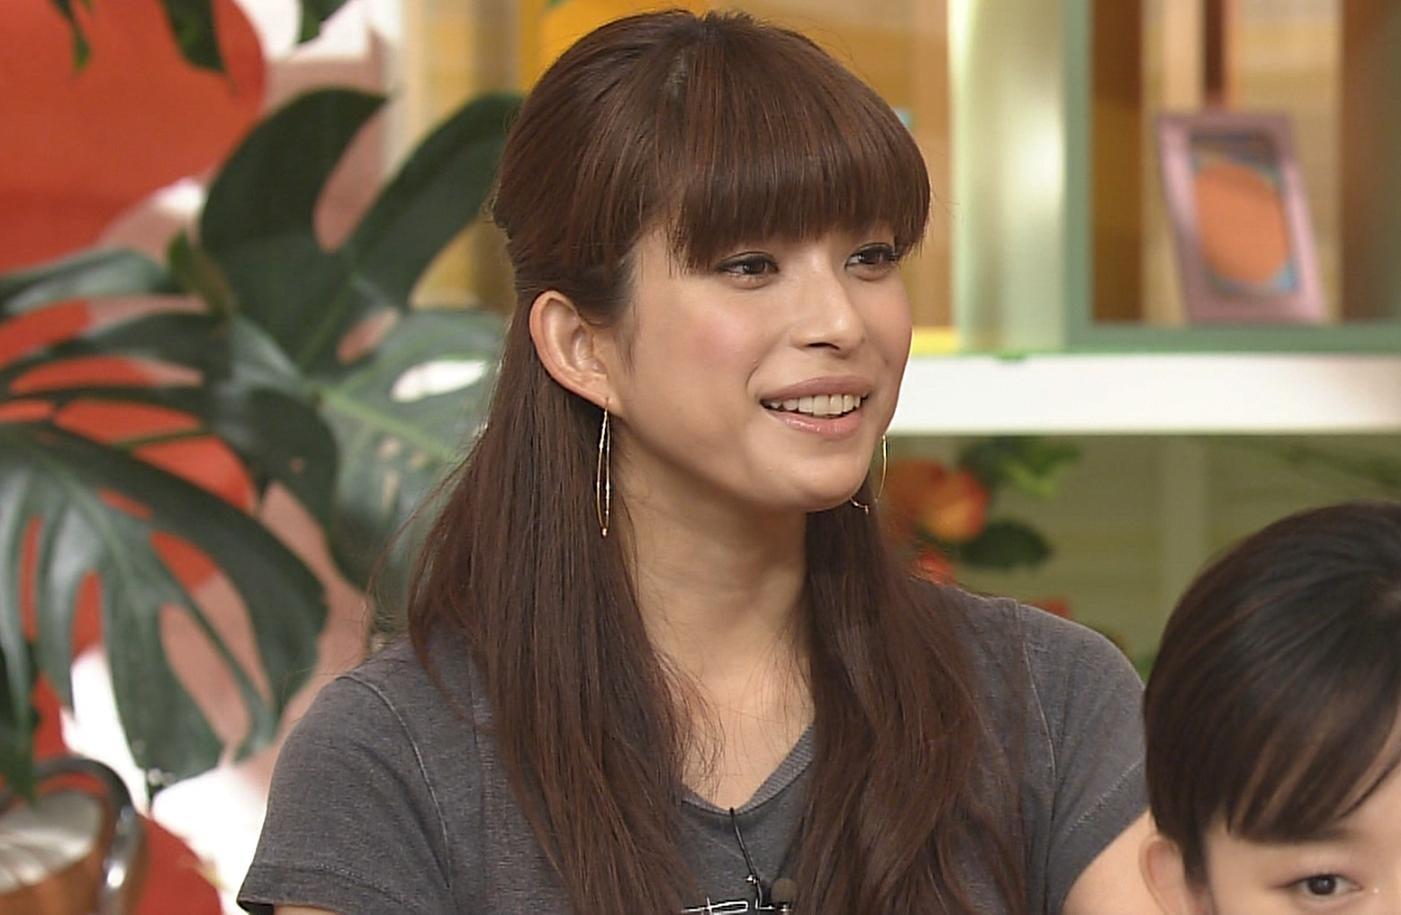 上原多香子 SPEED一番の美人の美脚キャプ画像(エロ・アイコラ画像)